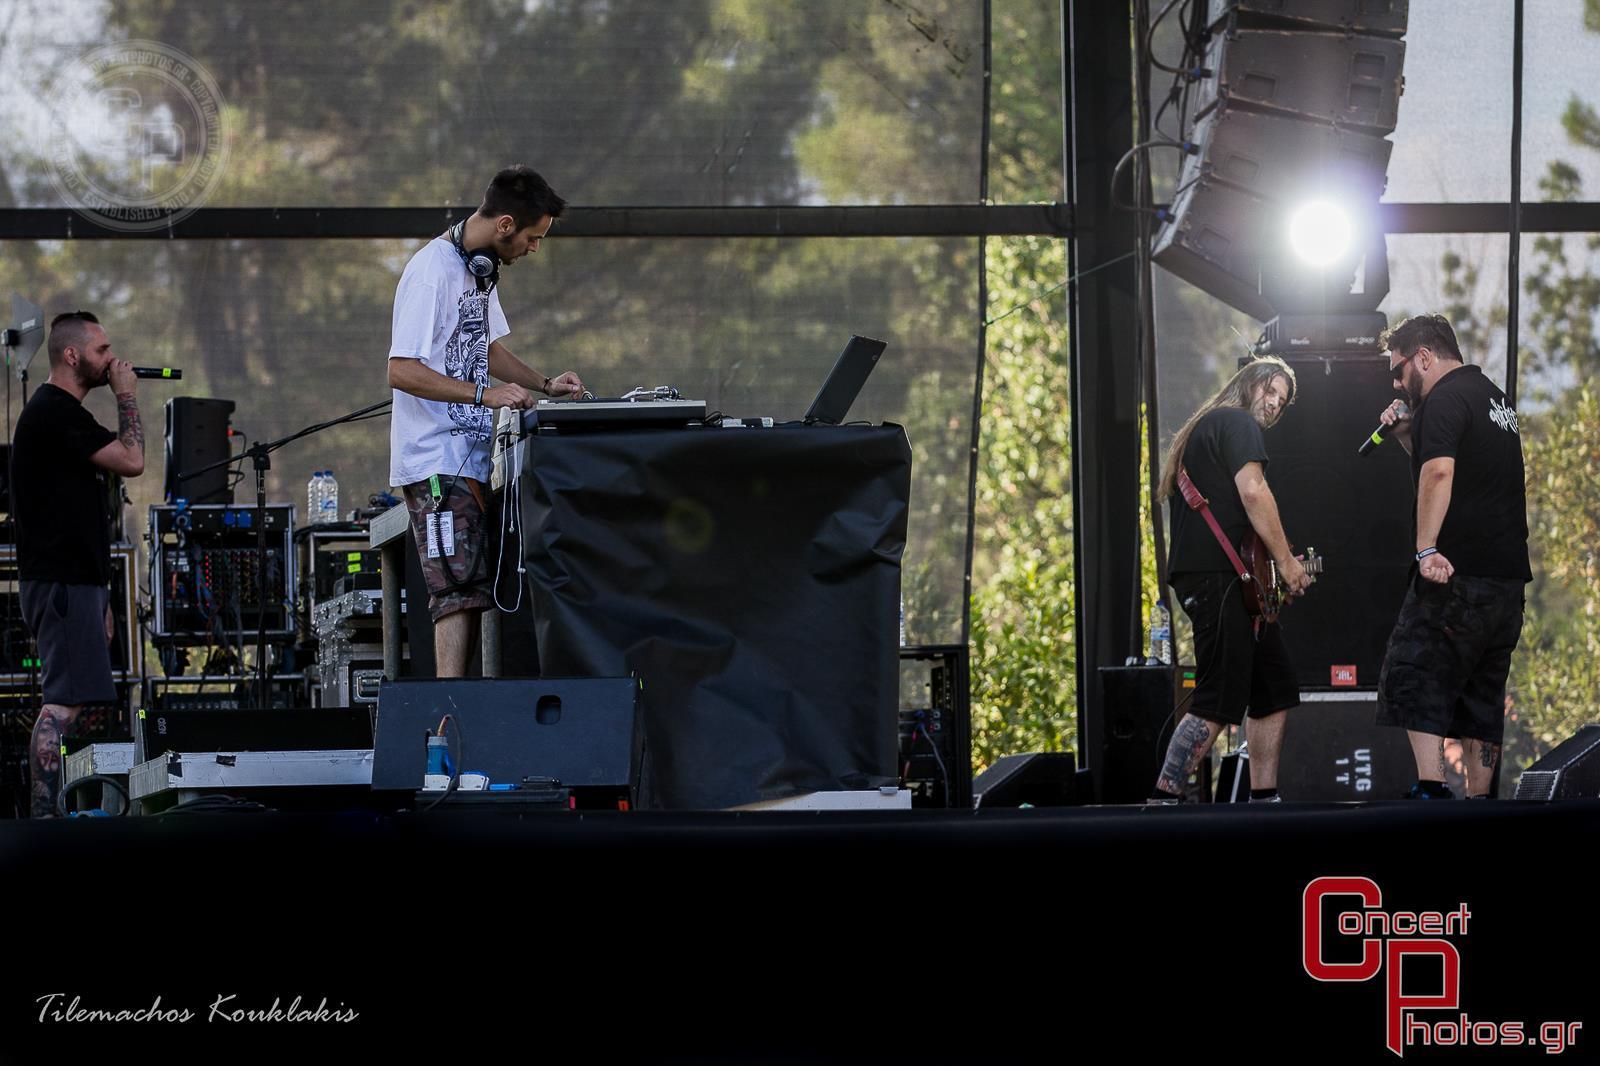 Rockwave 2014-Rockwave 2014 - Day 1 photographer:  - Rockwave-2014-41